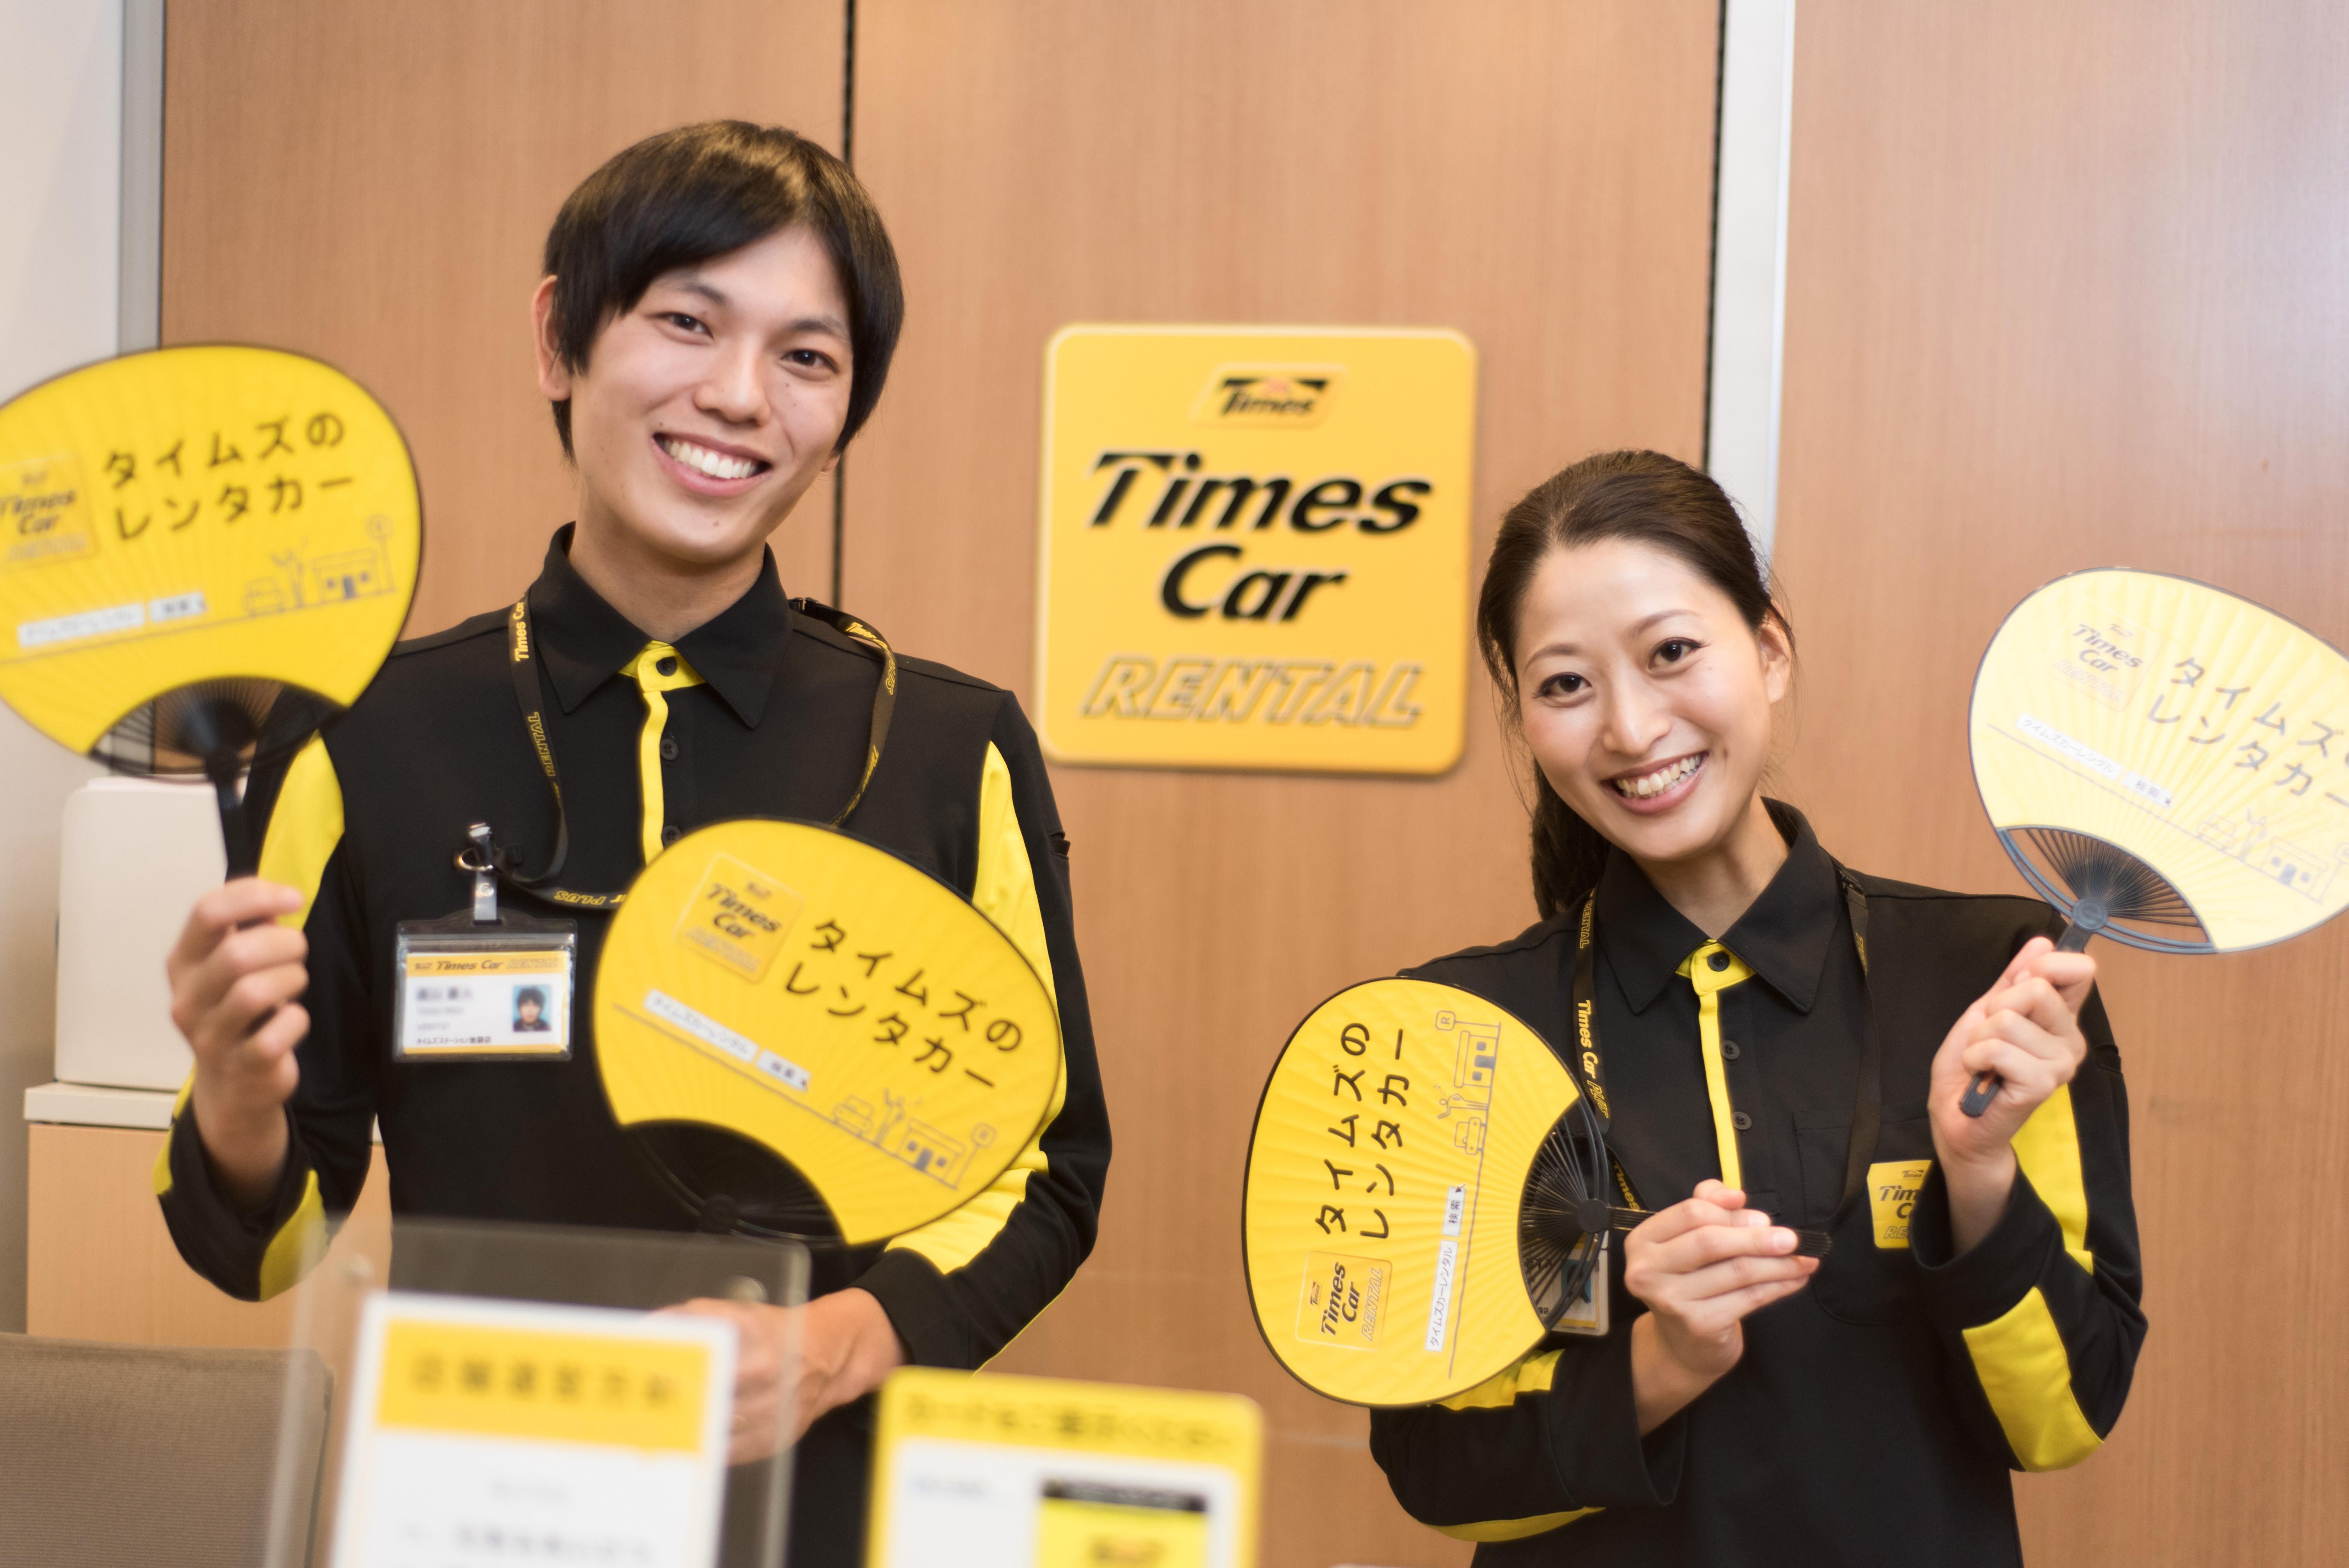 タイムズカーレンタル 大橋店 のアルバイト情報